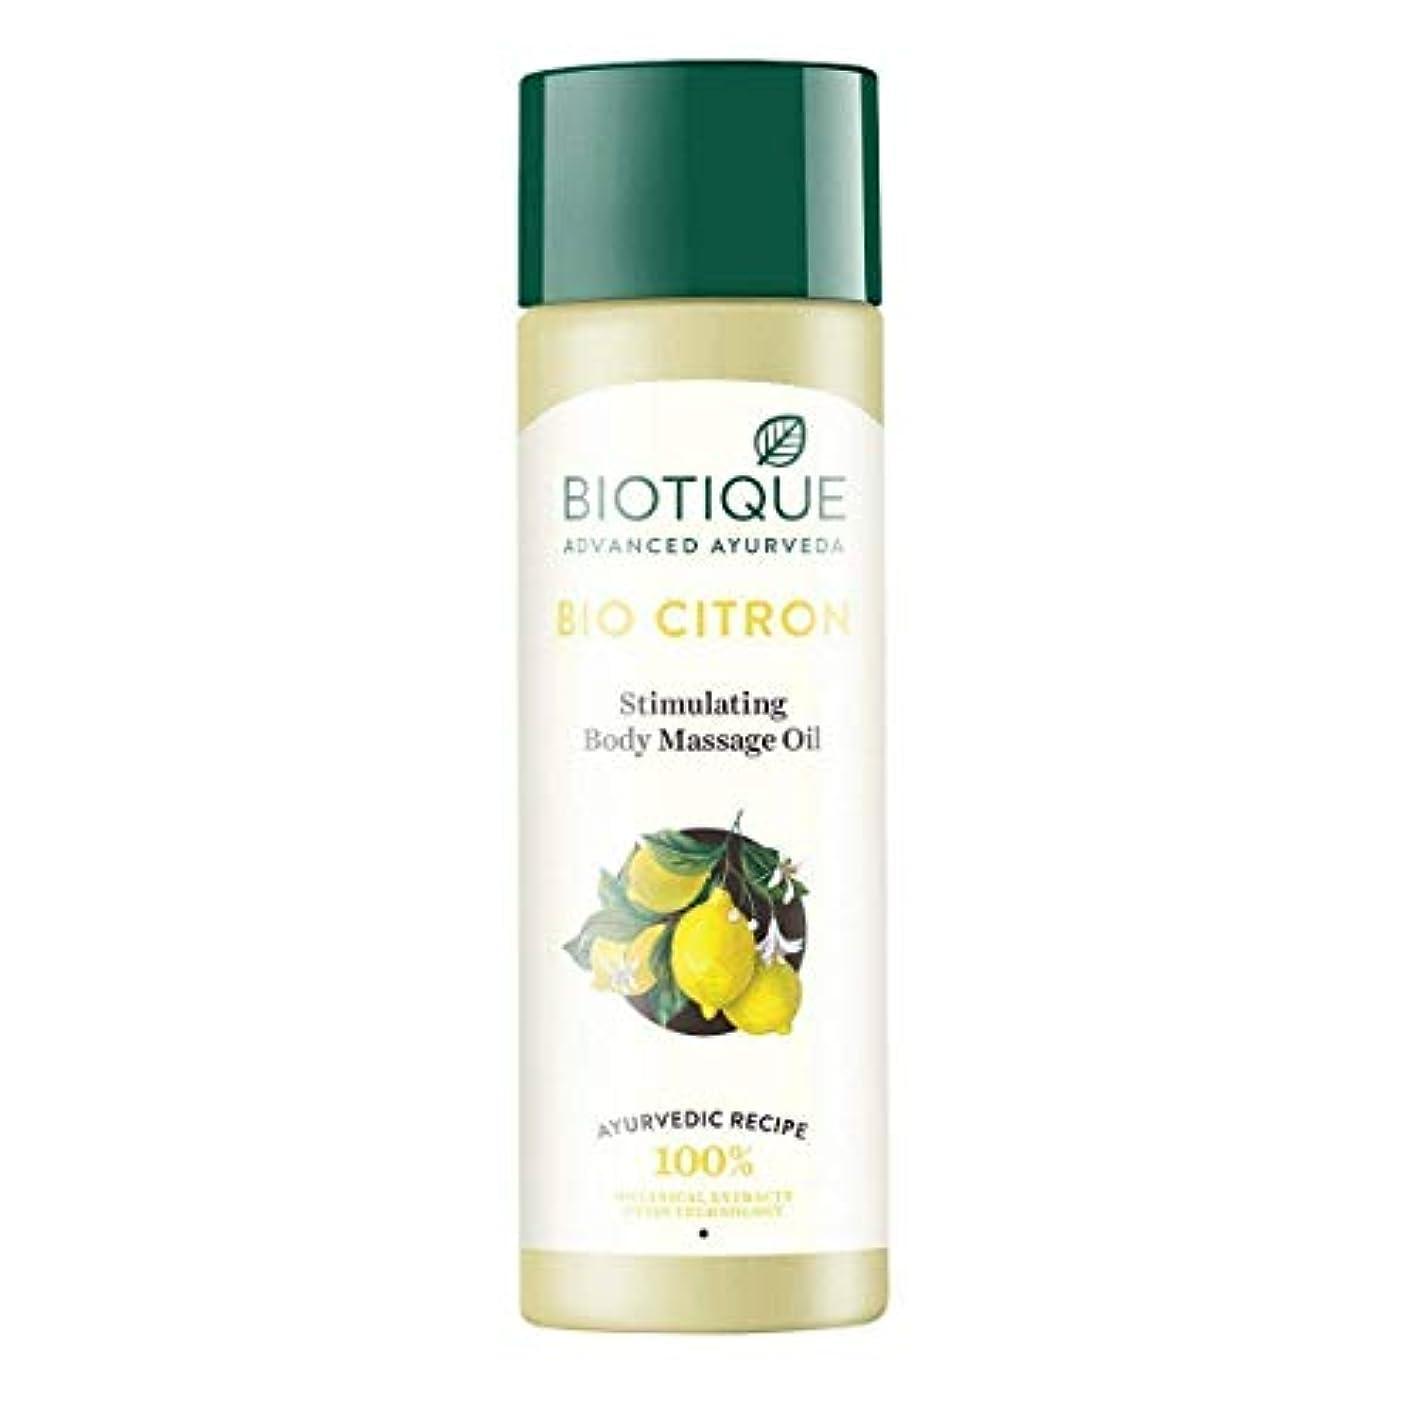 報復一般運命Biotique Bio Citron Stimulating Body Massage Oil, 200ml rich in vitamin Biotique バイオシトロン刺激ボディマッサージオイル、ビタミン